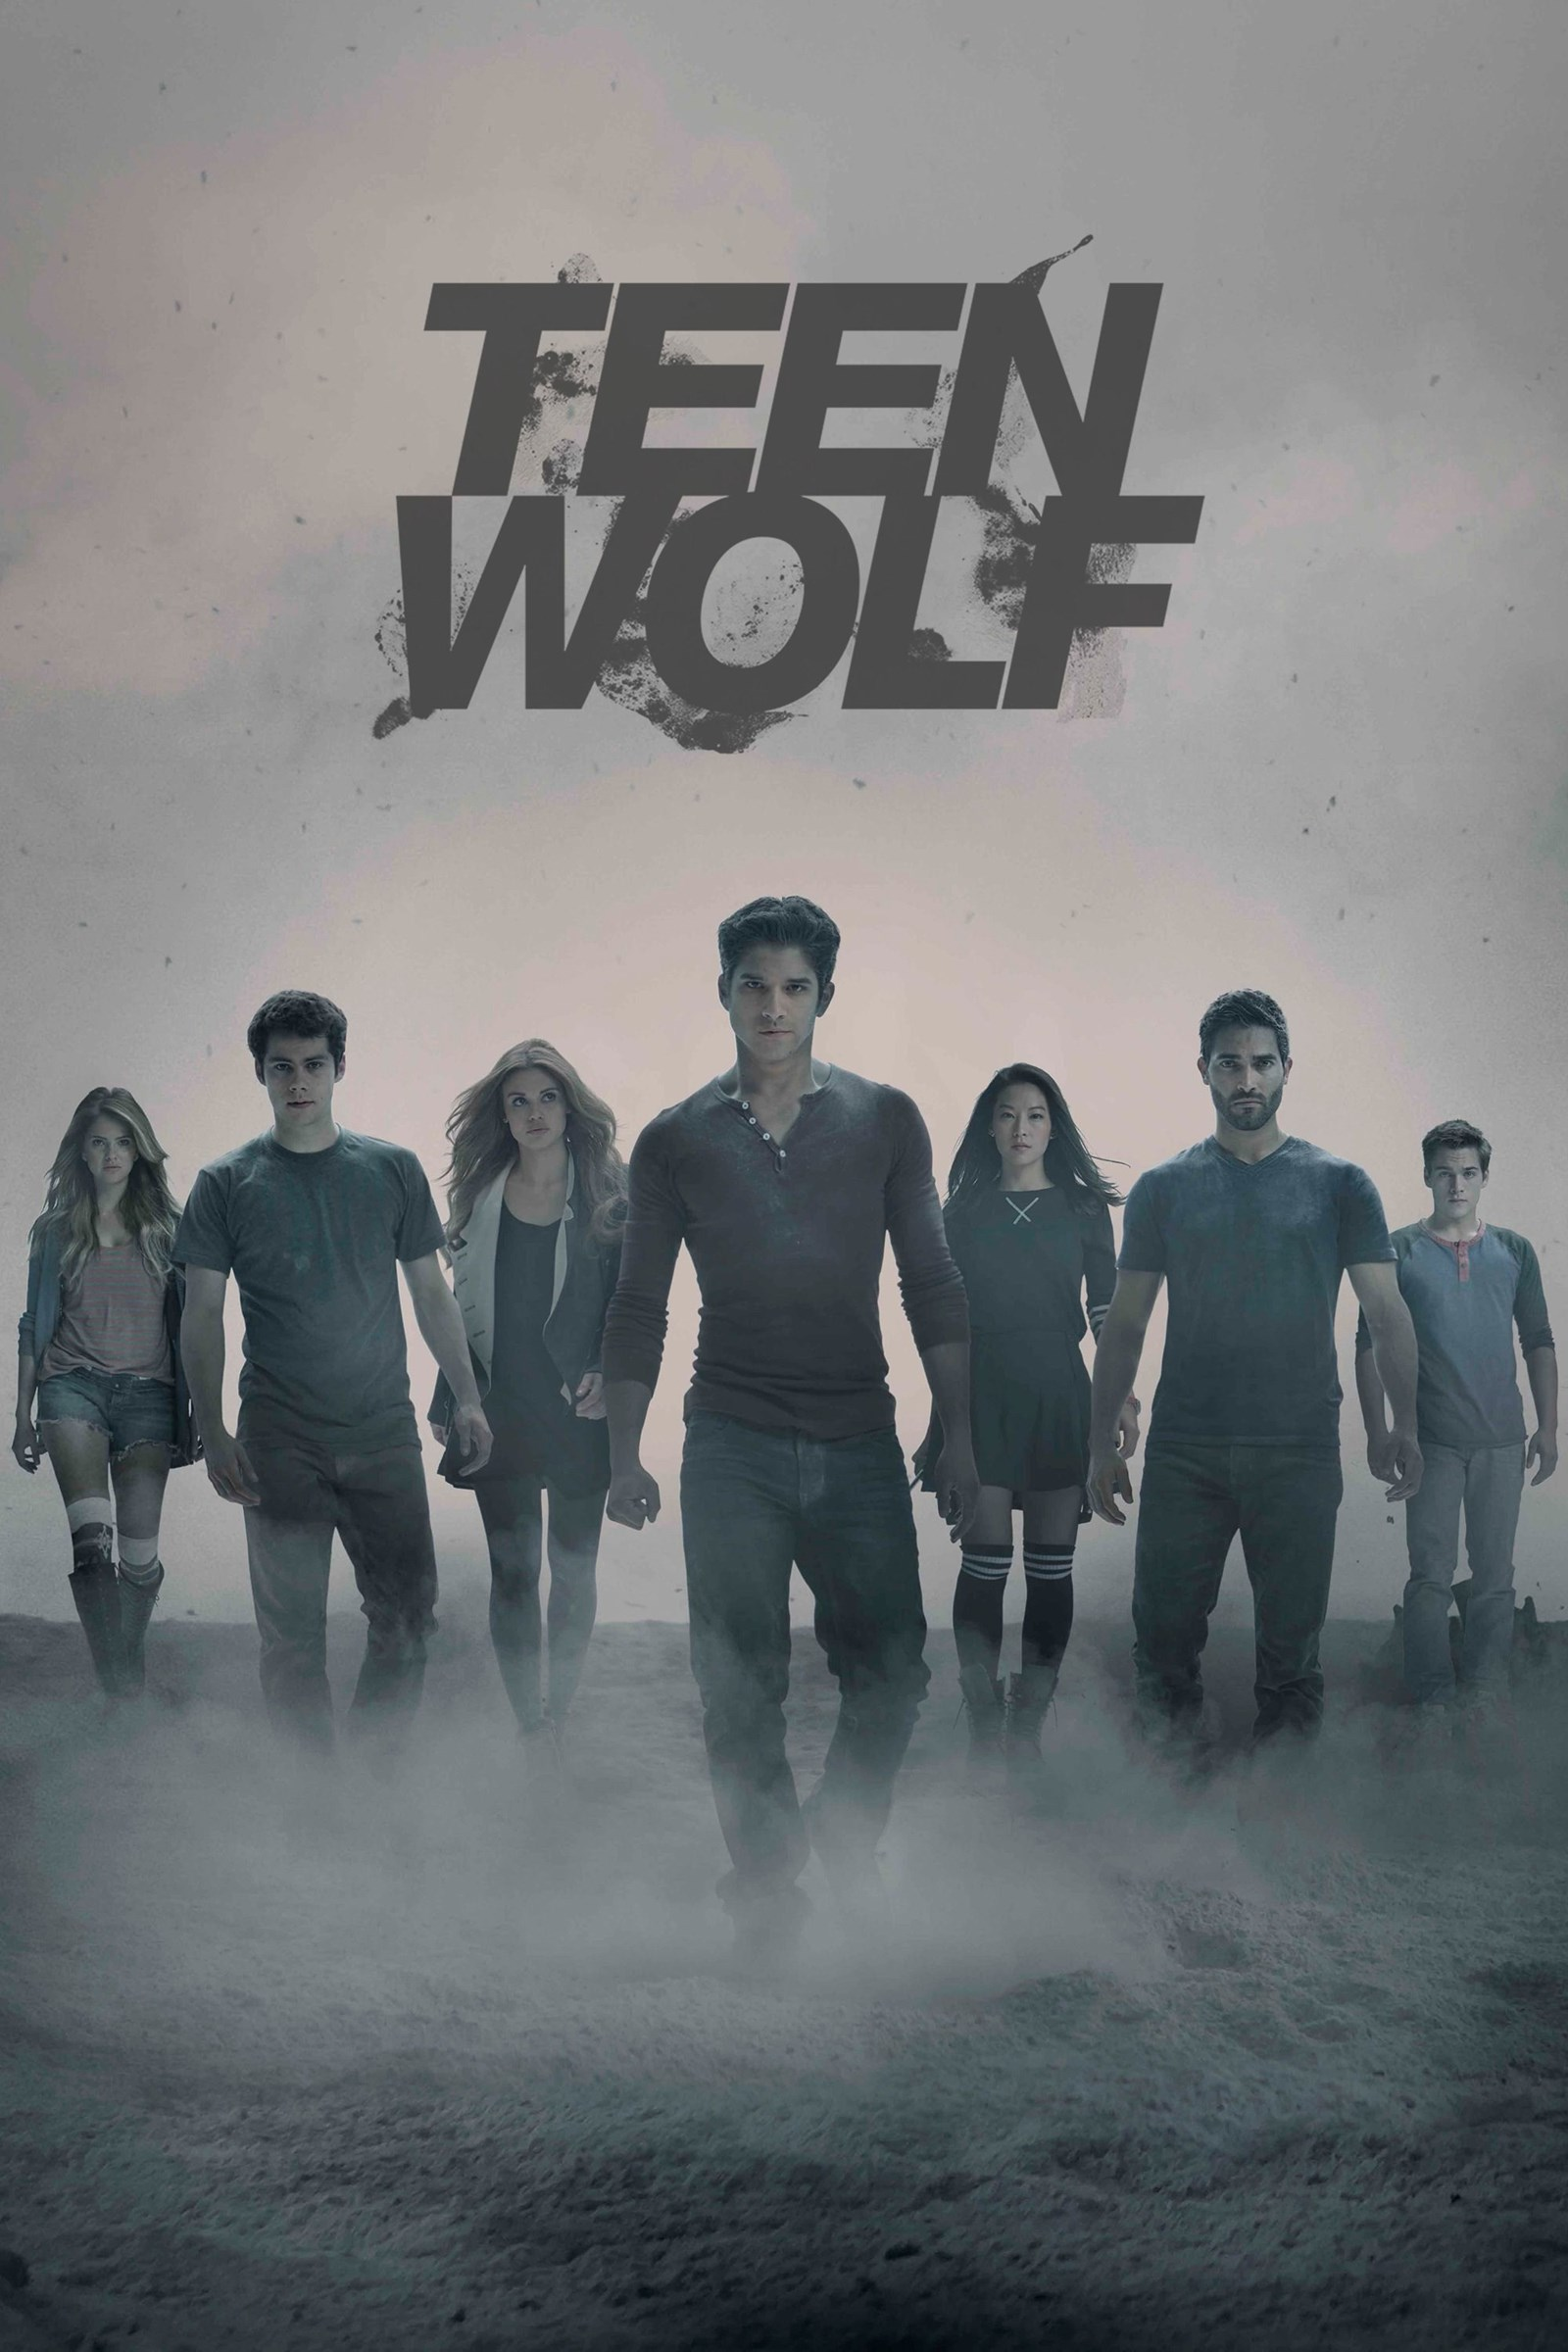 دانلود فصل چهارم سریال Teen Wolf با زیرنویس فارسی